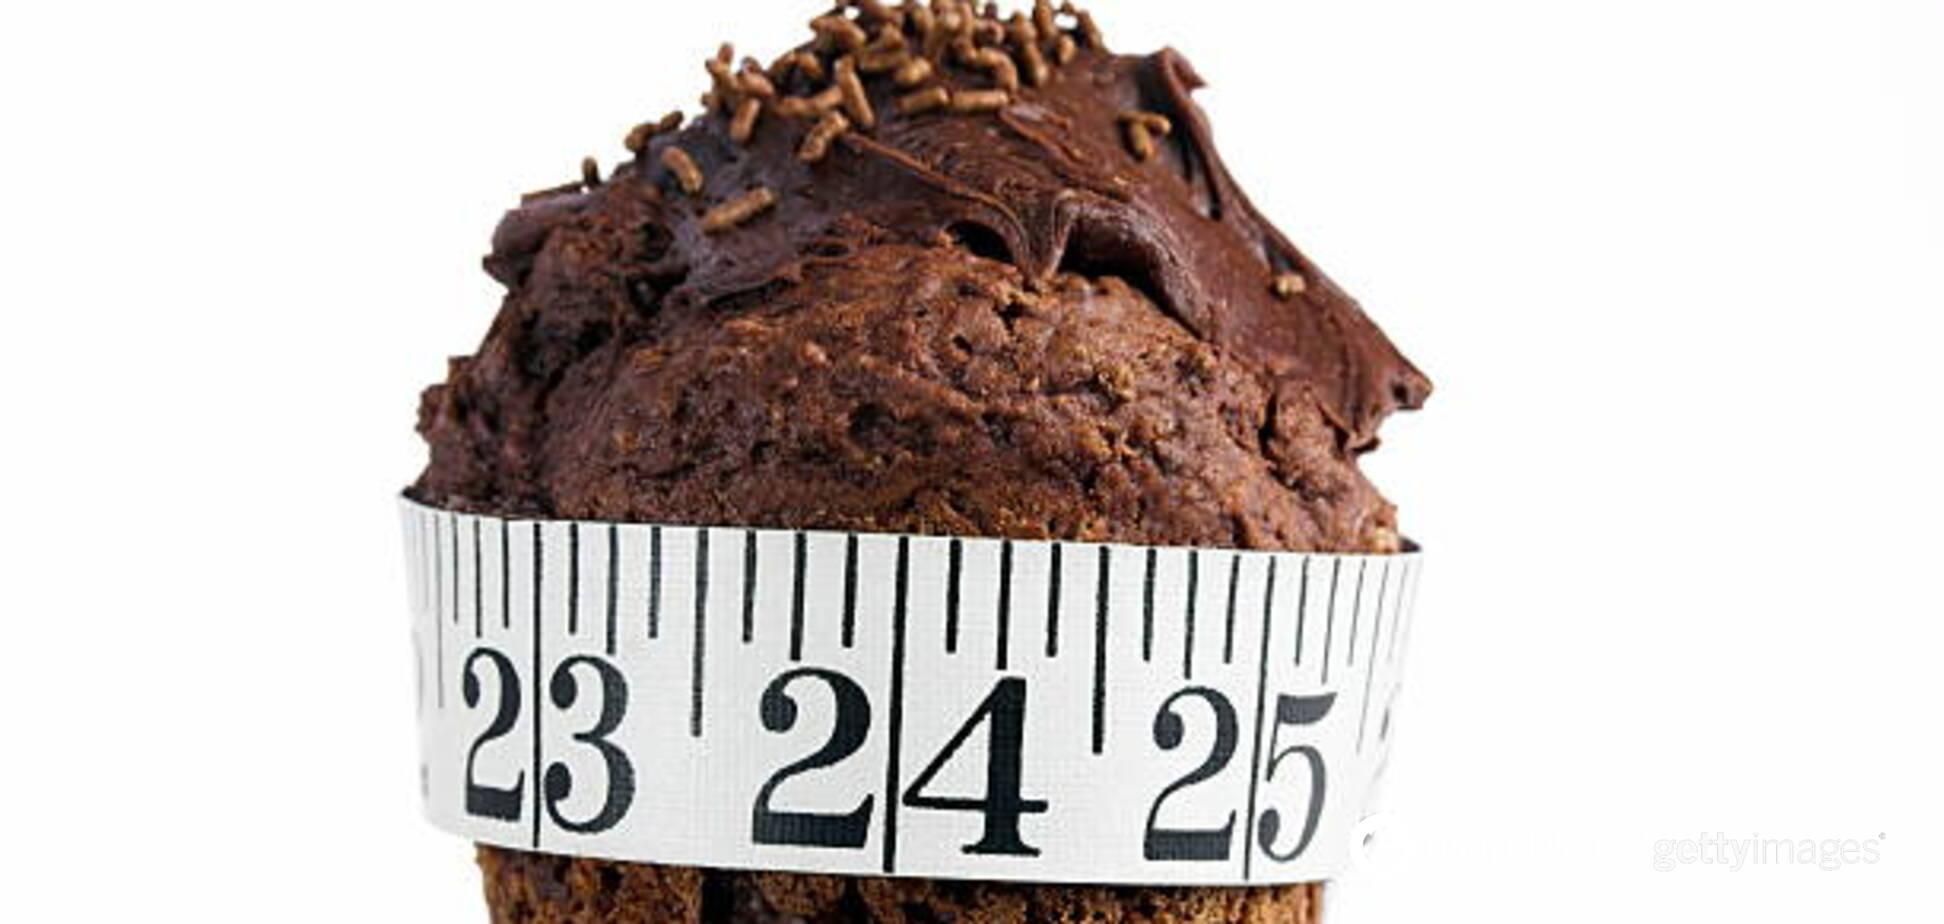 Гроші вирішують не все: стало відомо, яким клієнтам дієтологи відмовляють в лікуванні